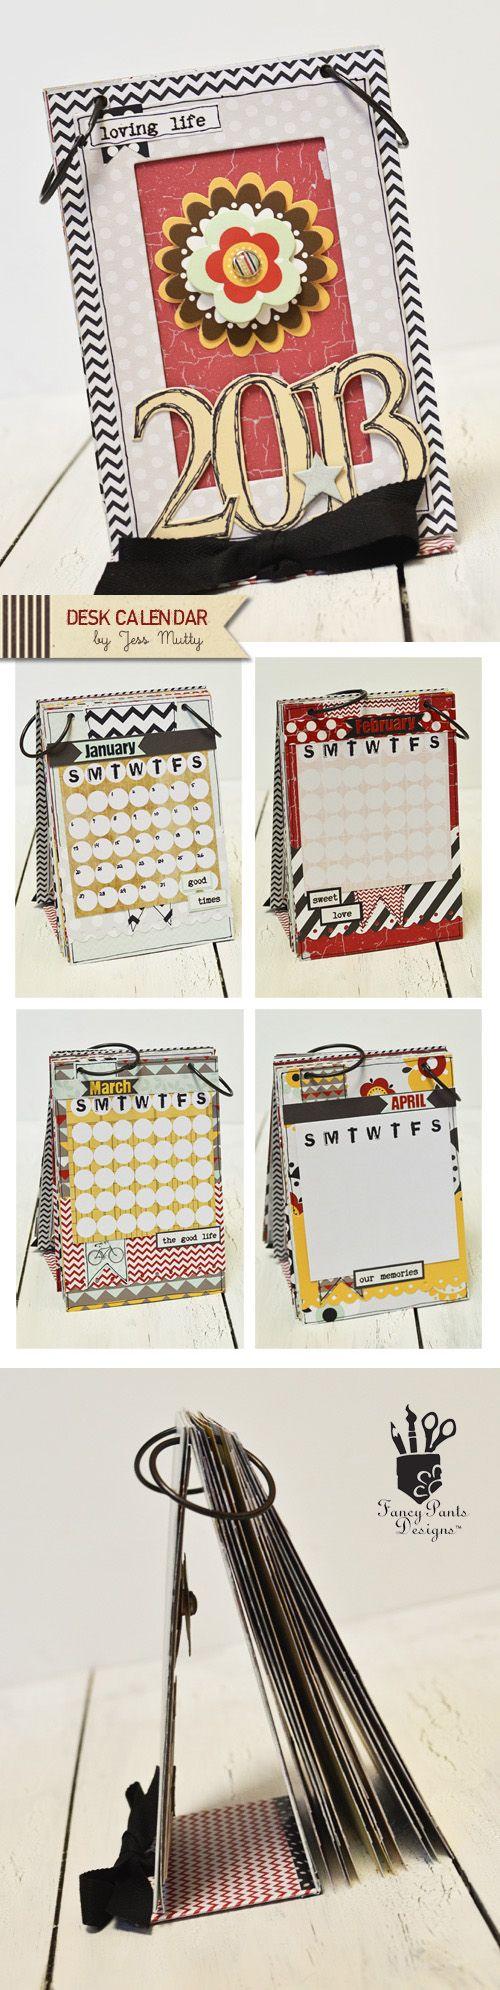 best calendar ideas images on pinterest calendar calendar